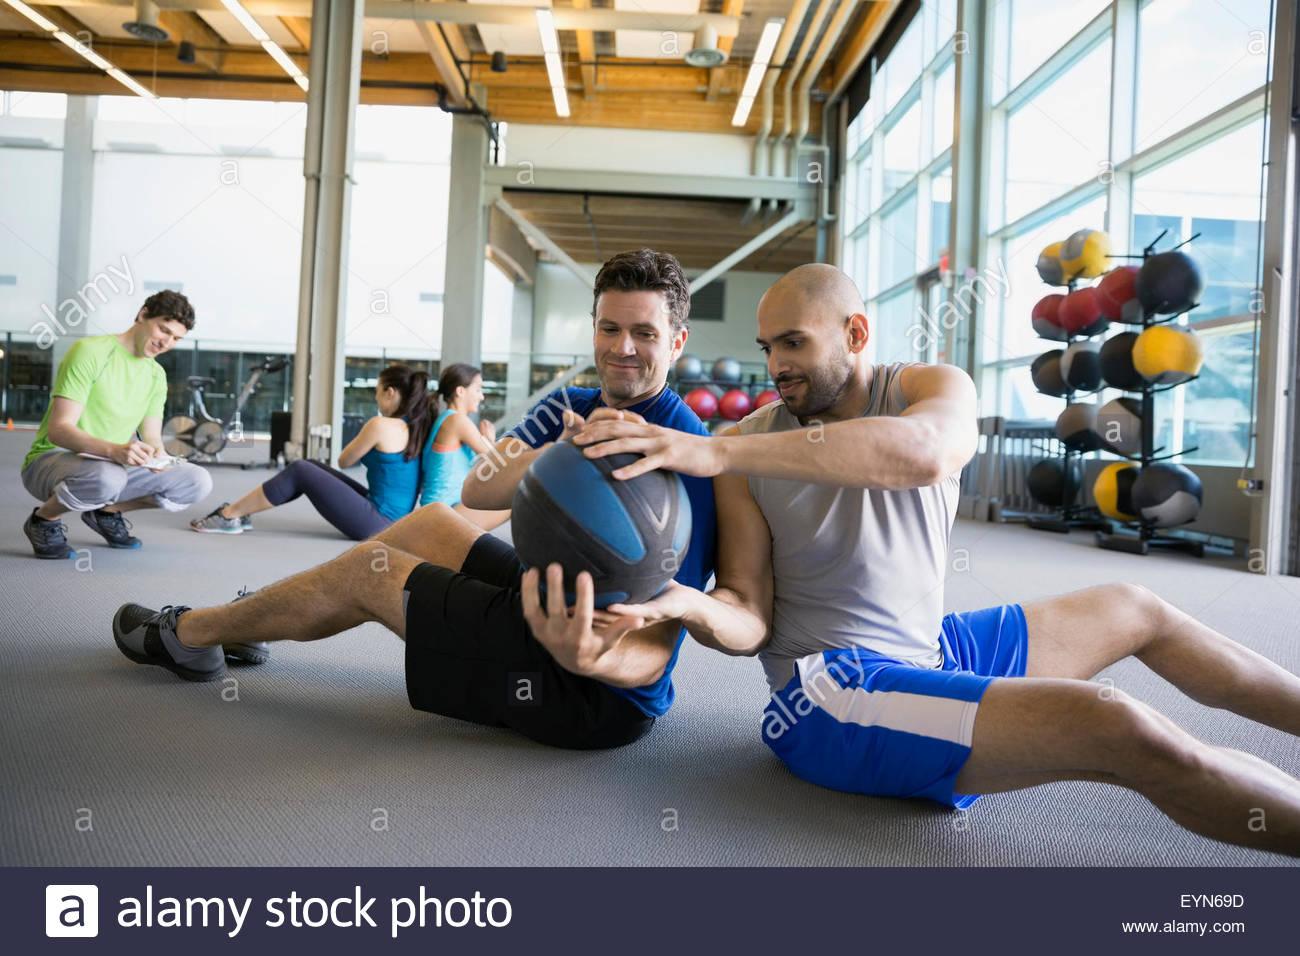 Männer Medizinball volle Wendung Rücken an Rücken Stockbild